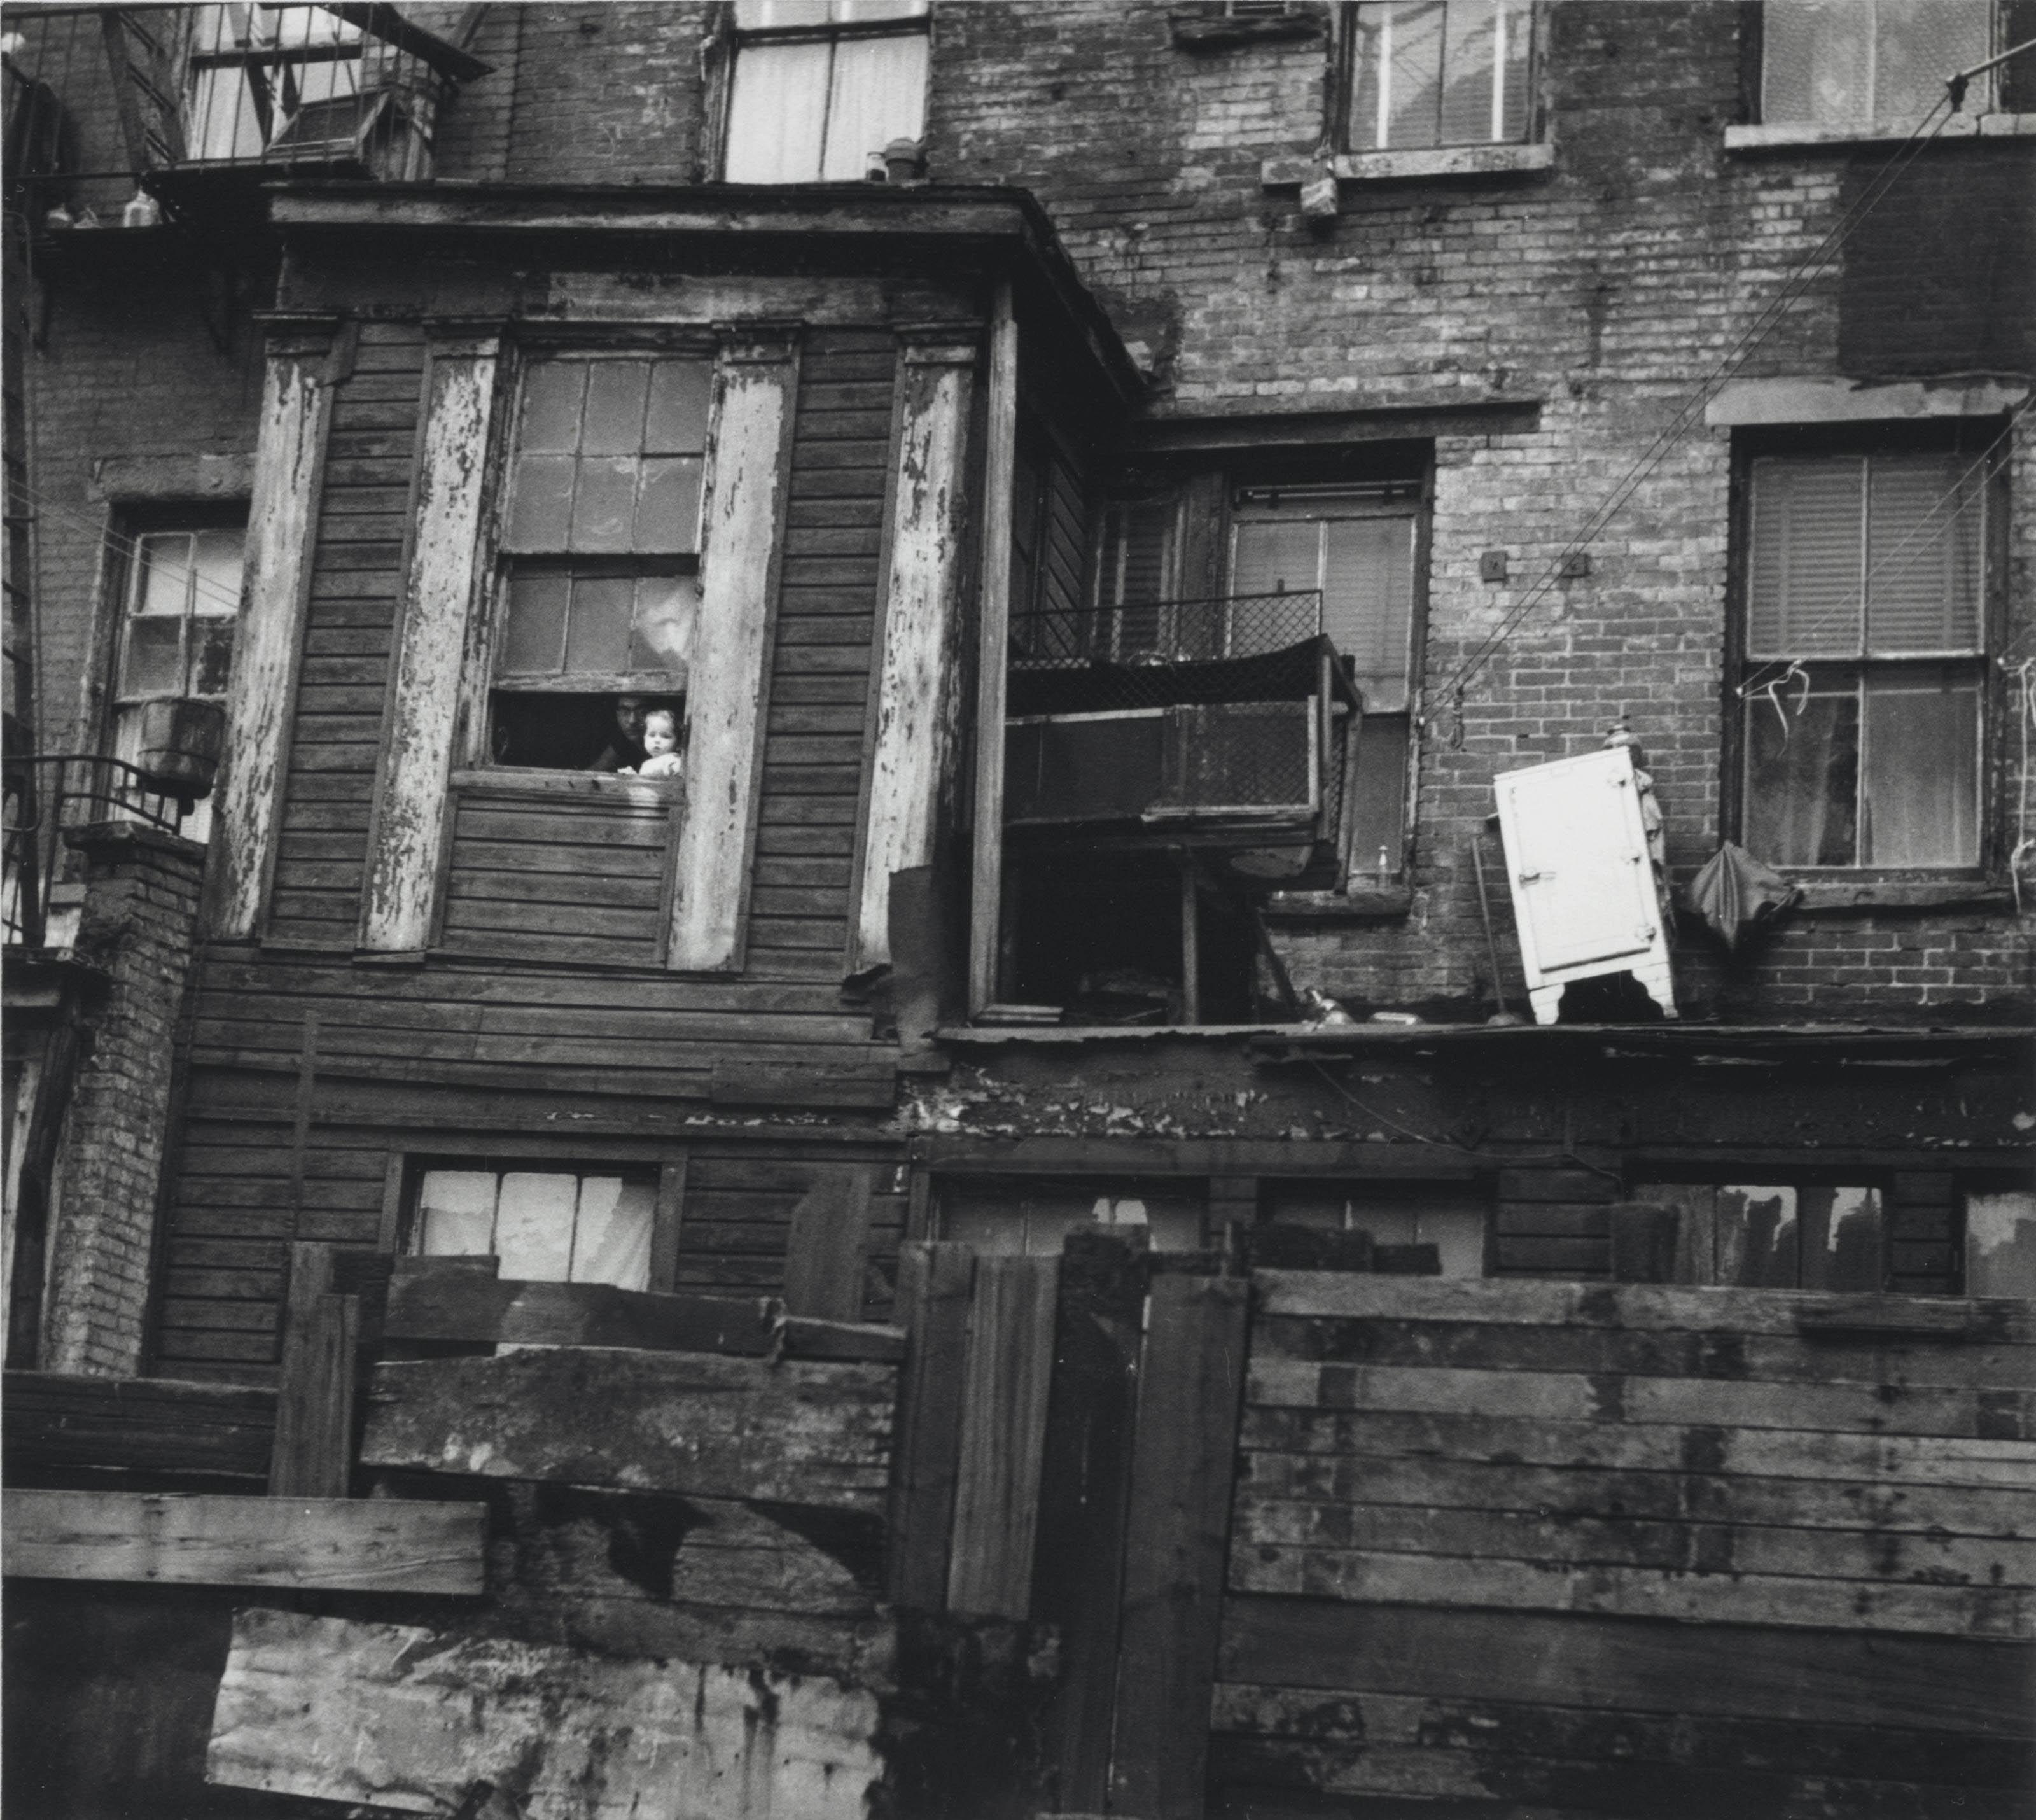 Brooklyn, N.Y., 1947